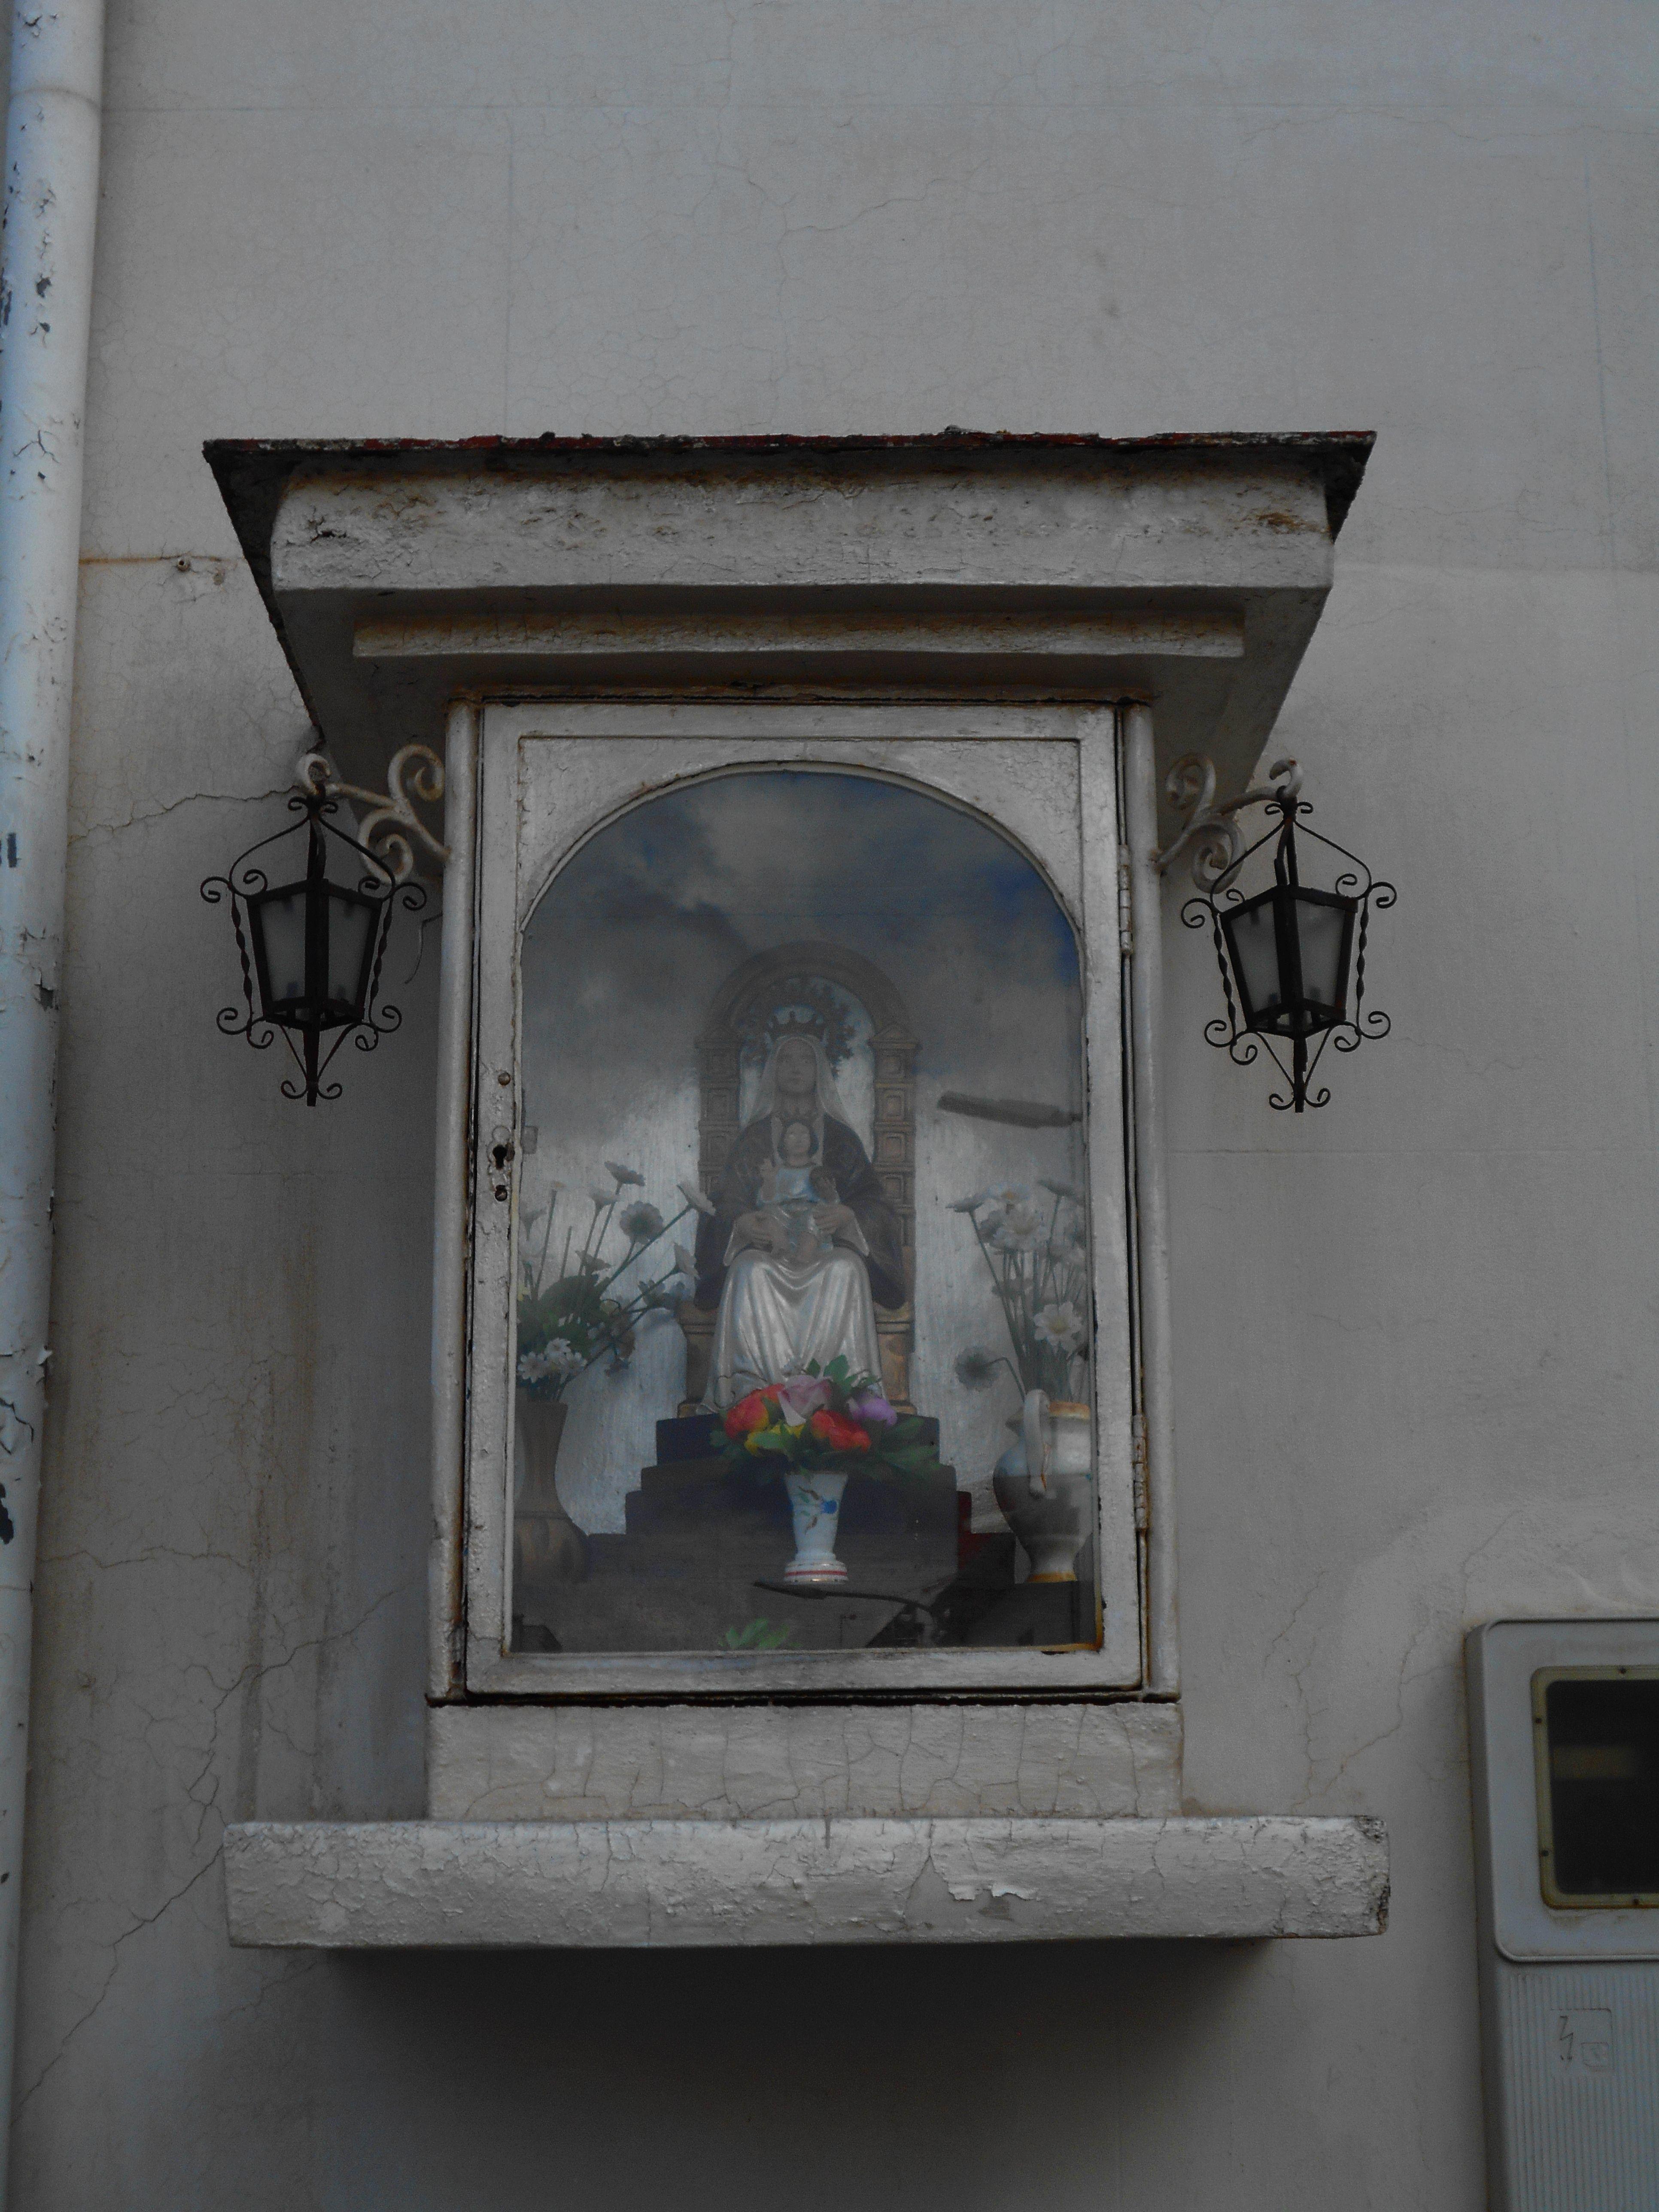 Hornacina con Virgen en fachada de hotel.